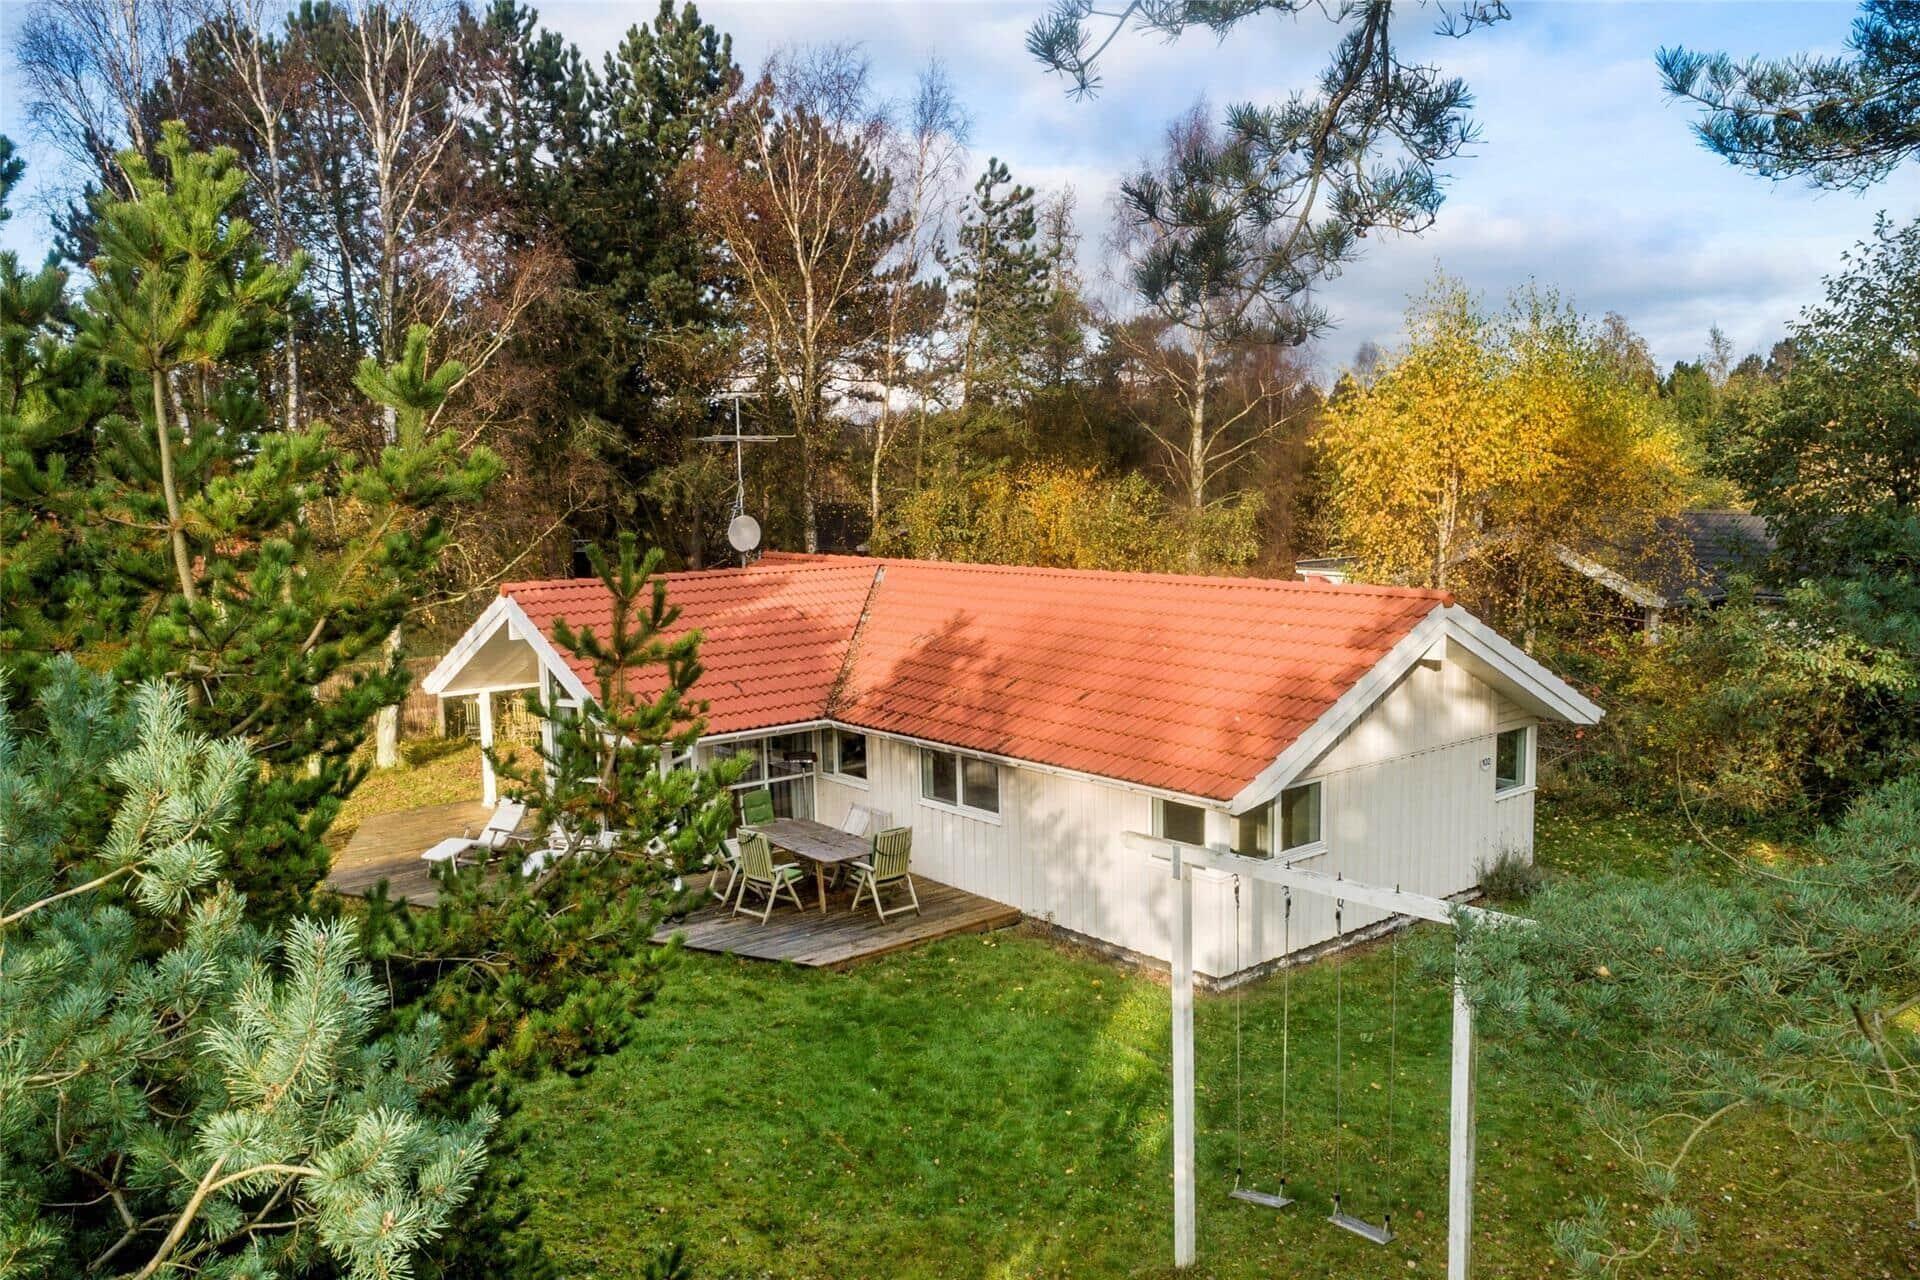 Billede 1-174 Sommerhus M17034, Stolt Henriksvej 102, DK - 4873 Væggerløse